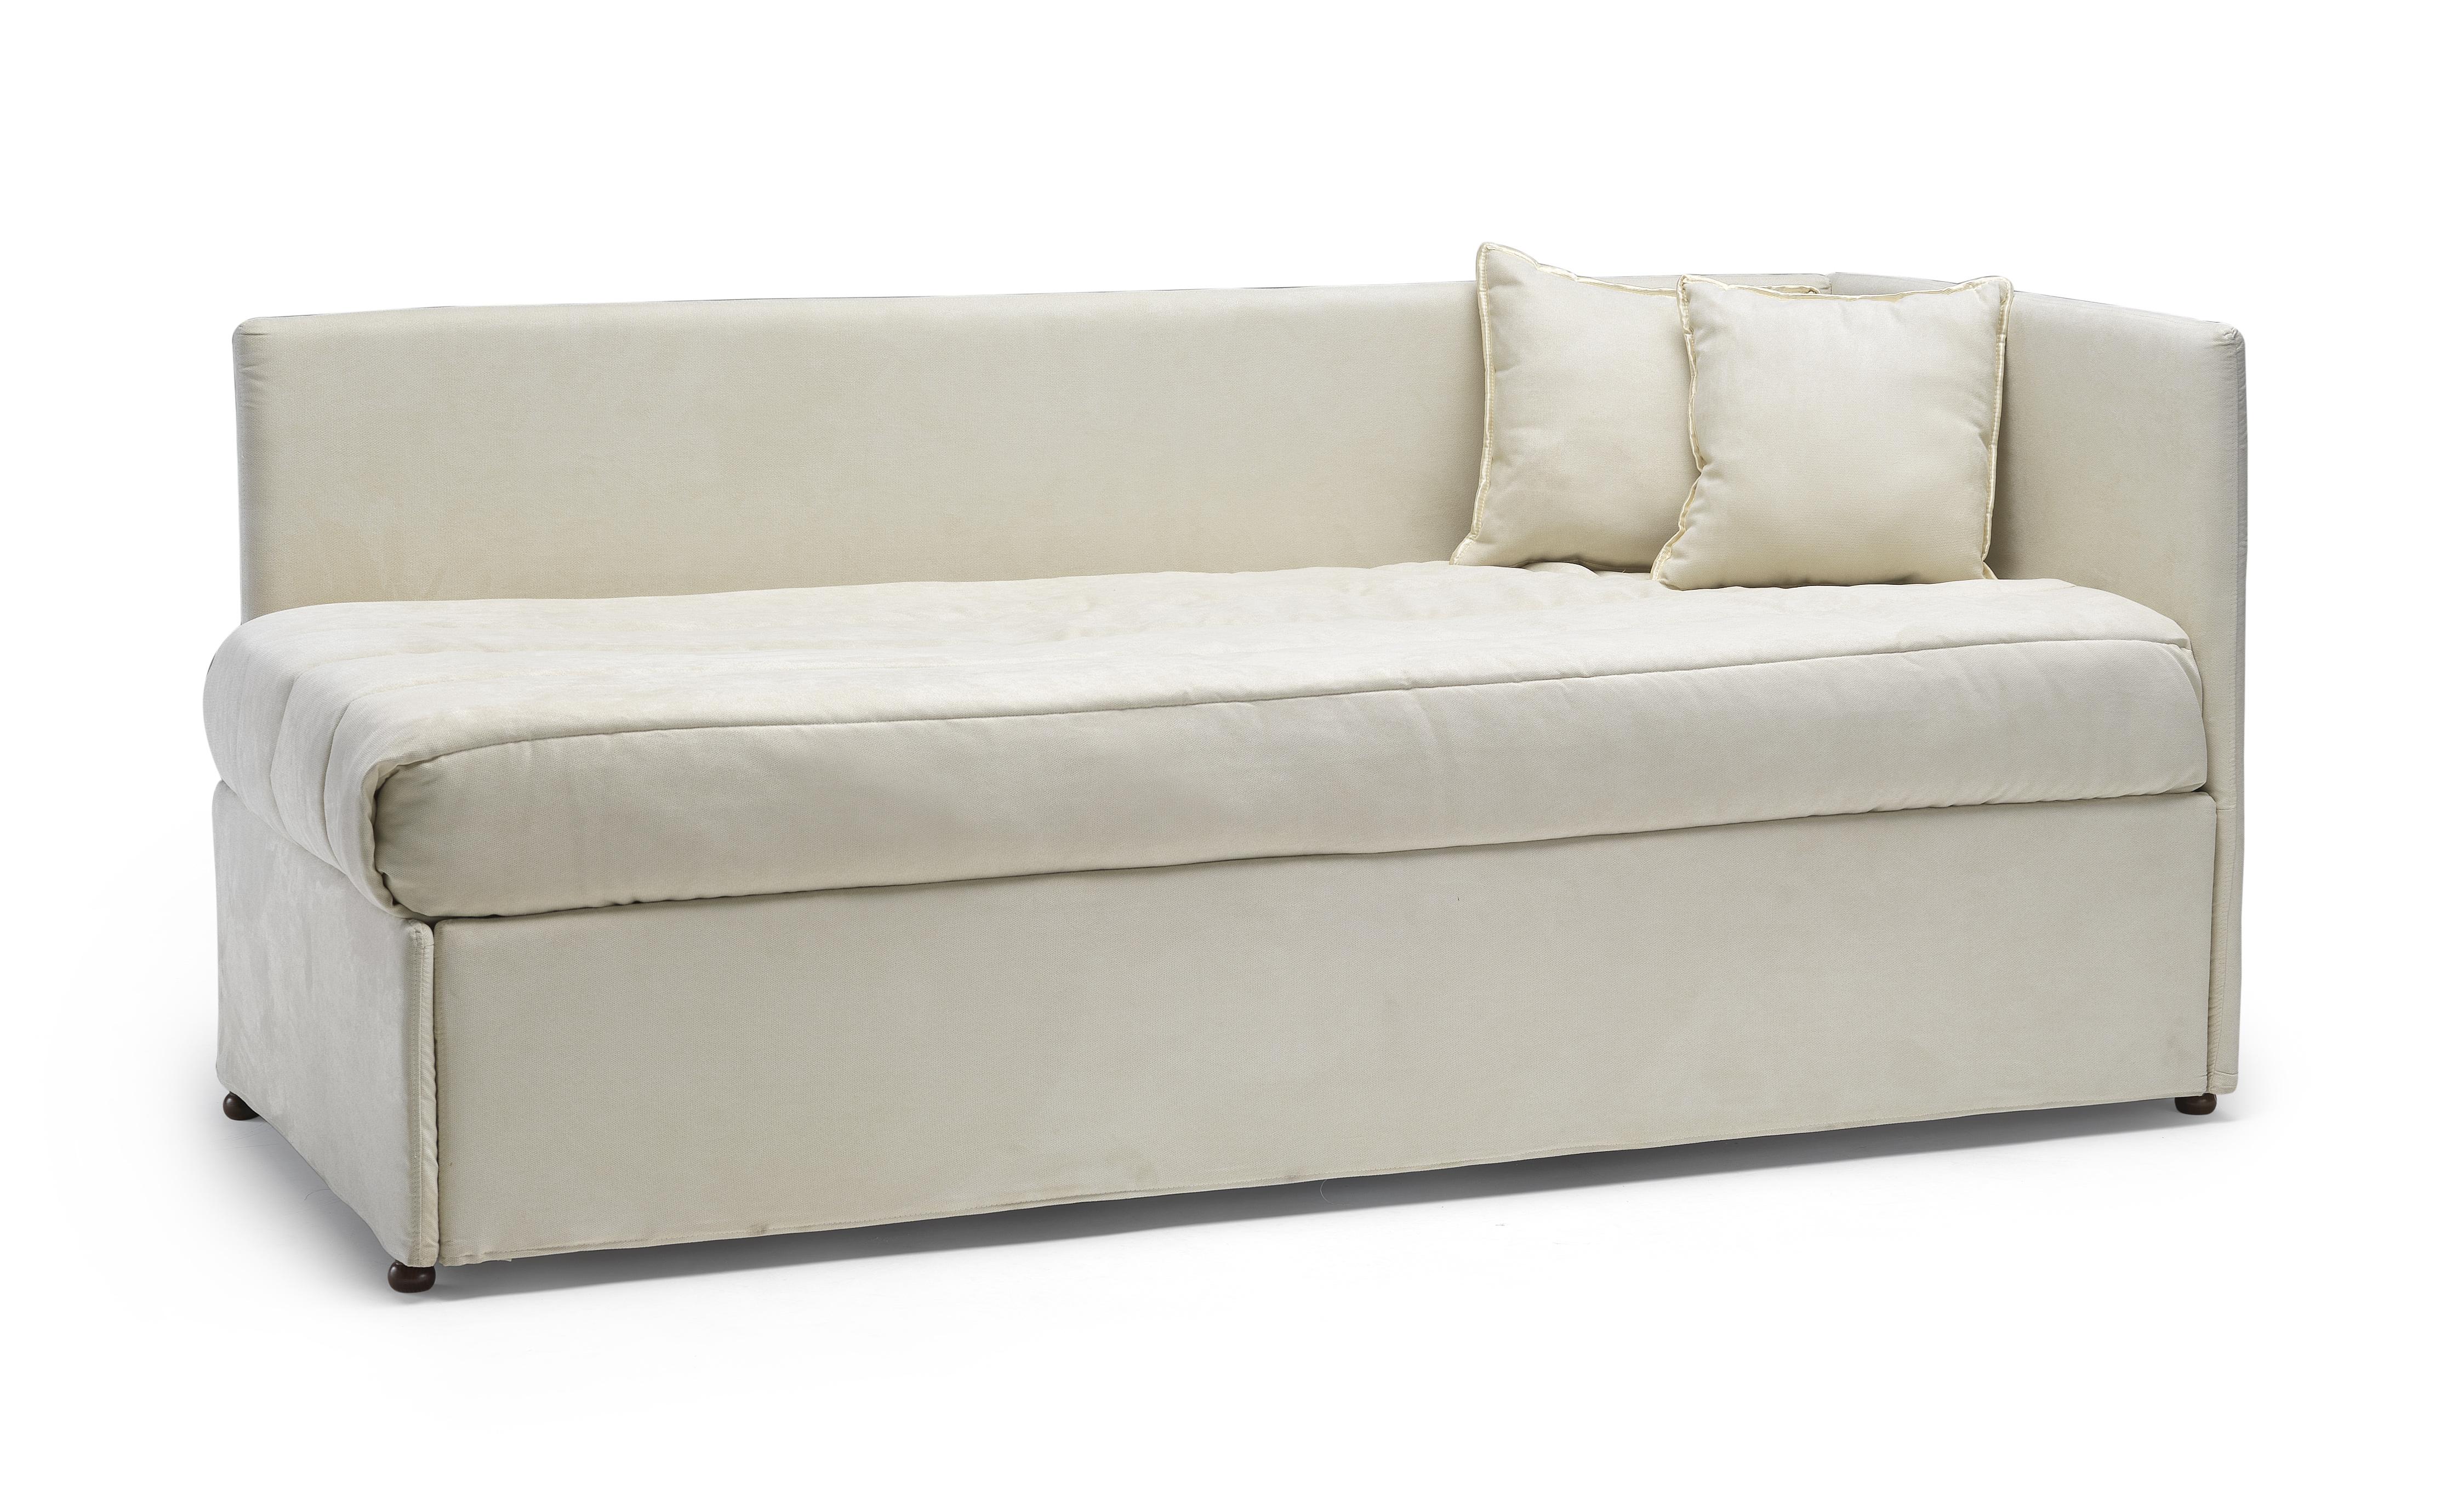 Divano letto con schienale ad angolo pagabile 12 mesi for Materassi x divano letto